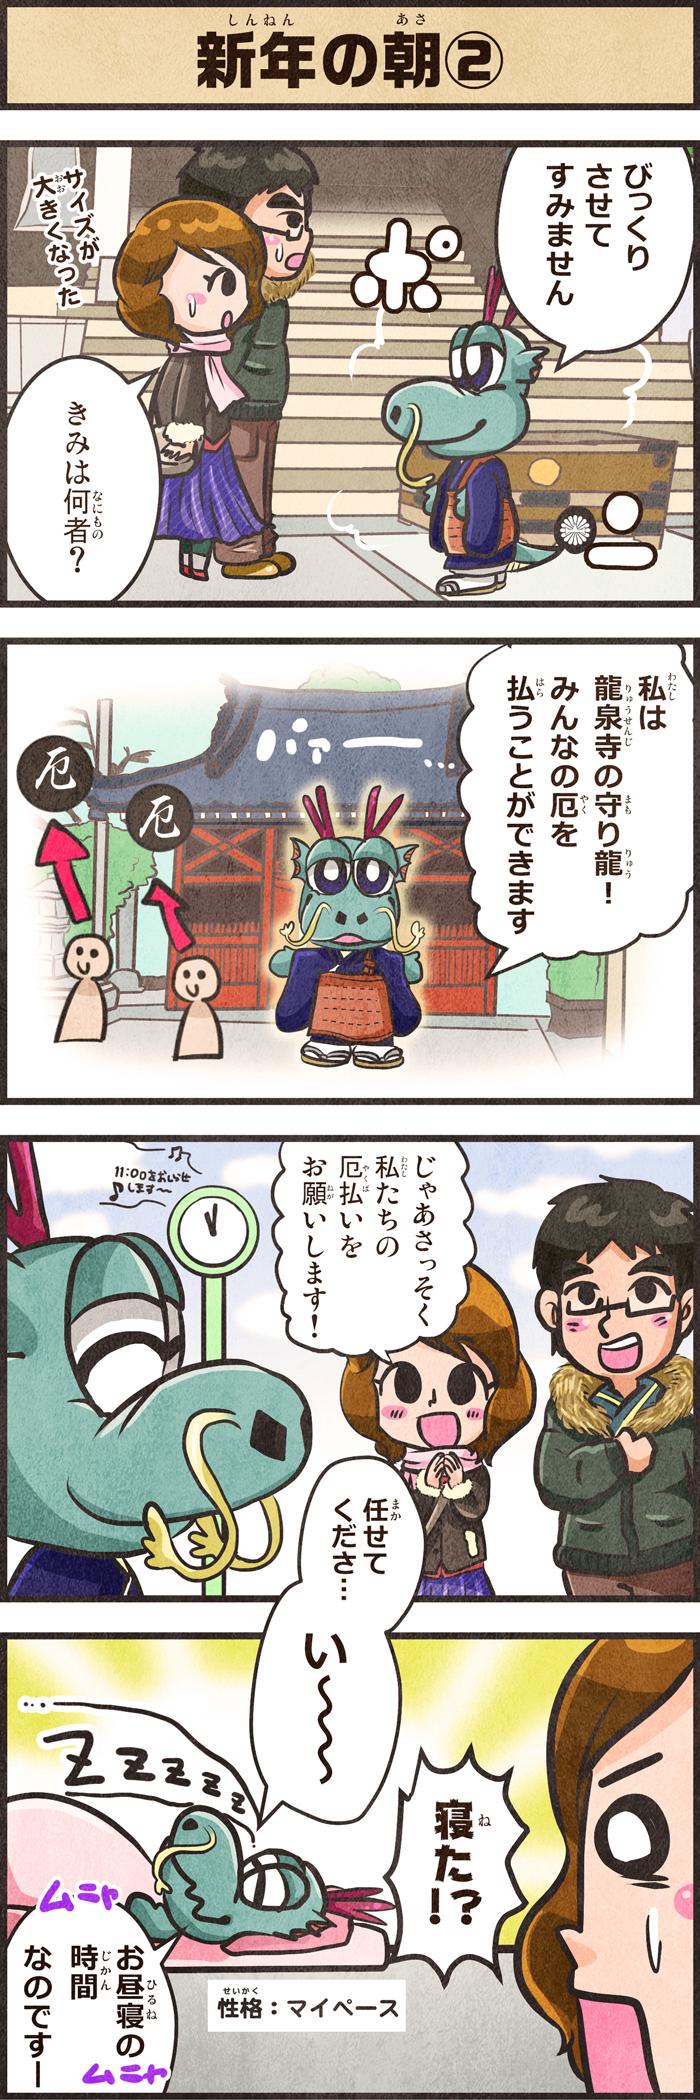 160128_kotatsu_4koma_1_2